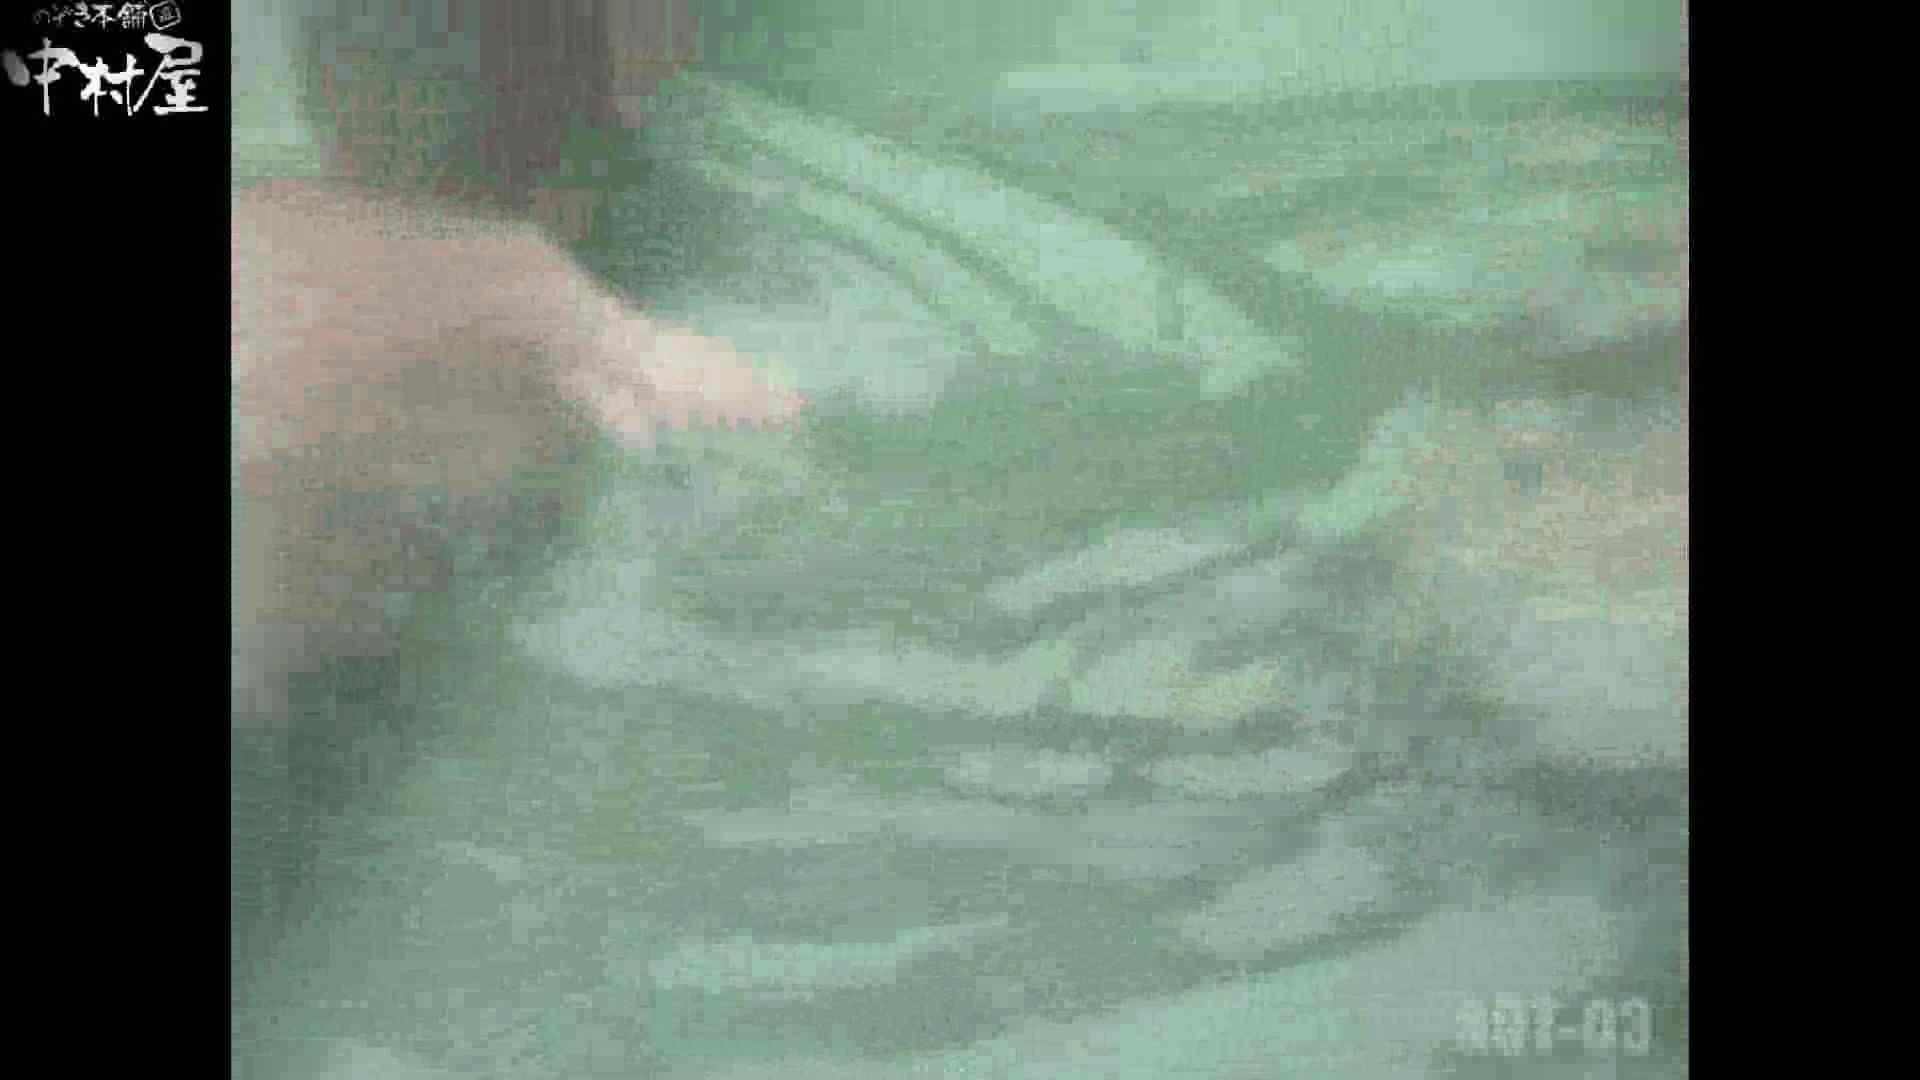 Aquaな露天風呂Vol.867潜入盗撮露天風呂参判湯 其の六 盗撮   露天  96連発 41